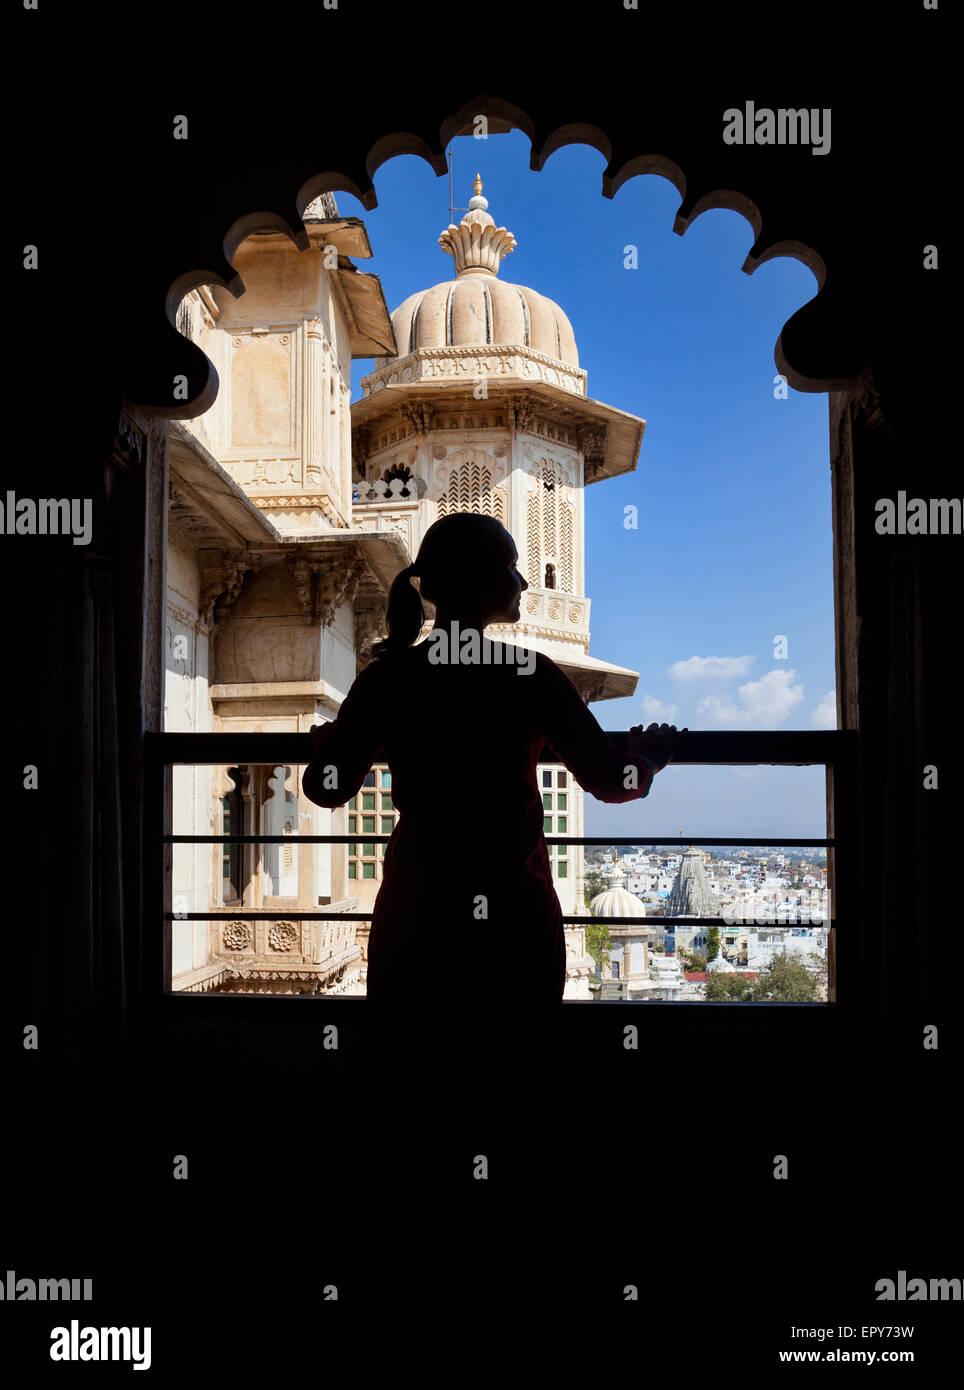 Frauen-Silhouette auf dem Balkon im City Palace Museum von Udaipur, Rajasthan, Indien Stockbild